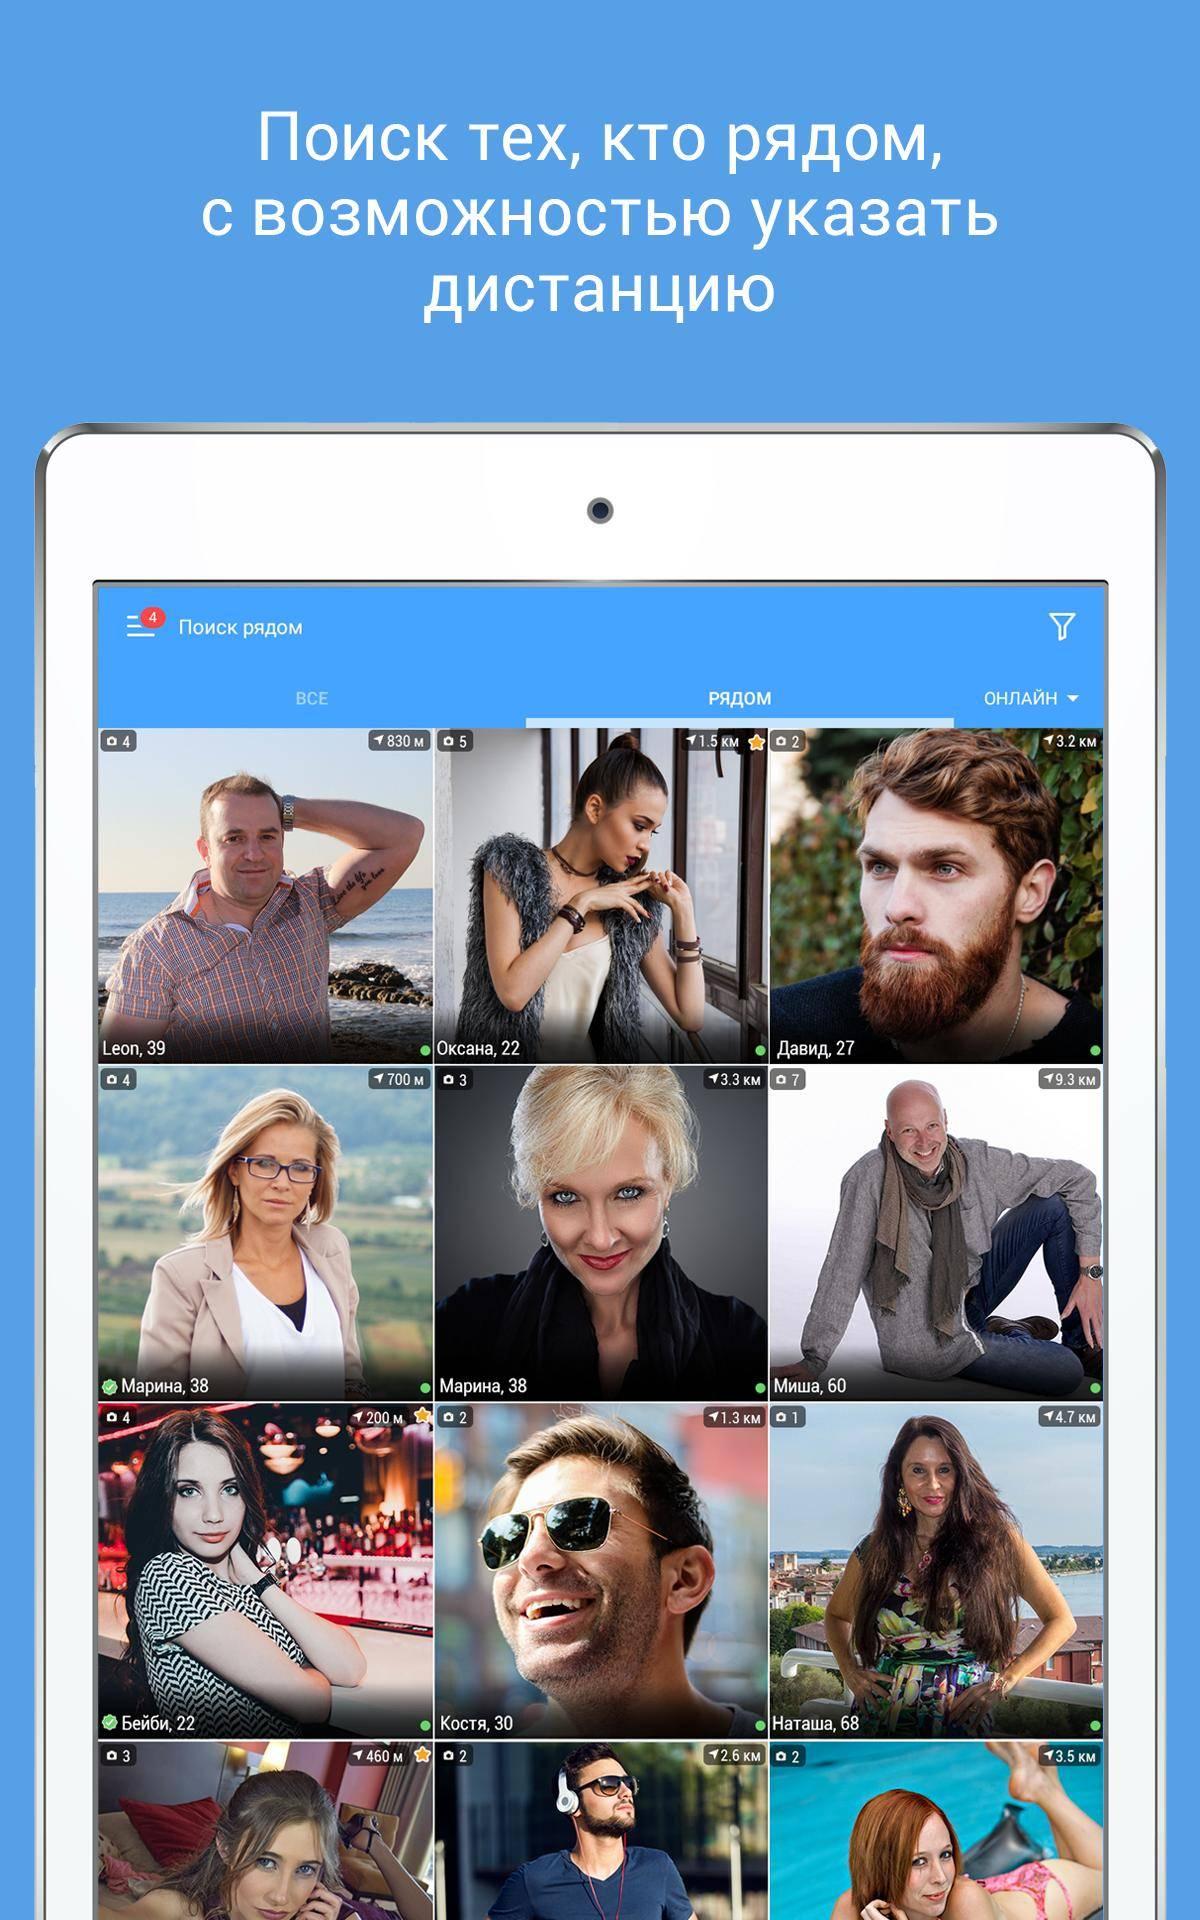 15 лучших бесплатных приложений для общения с иностранцами - все курсы онлайн